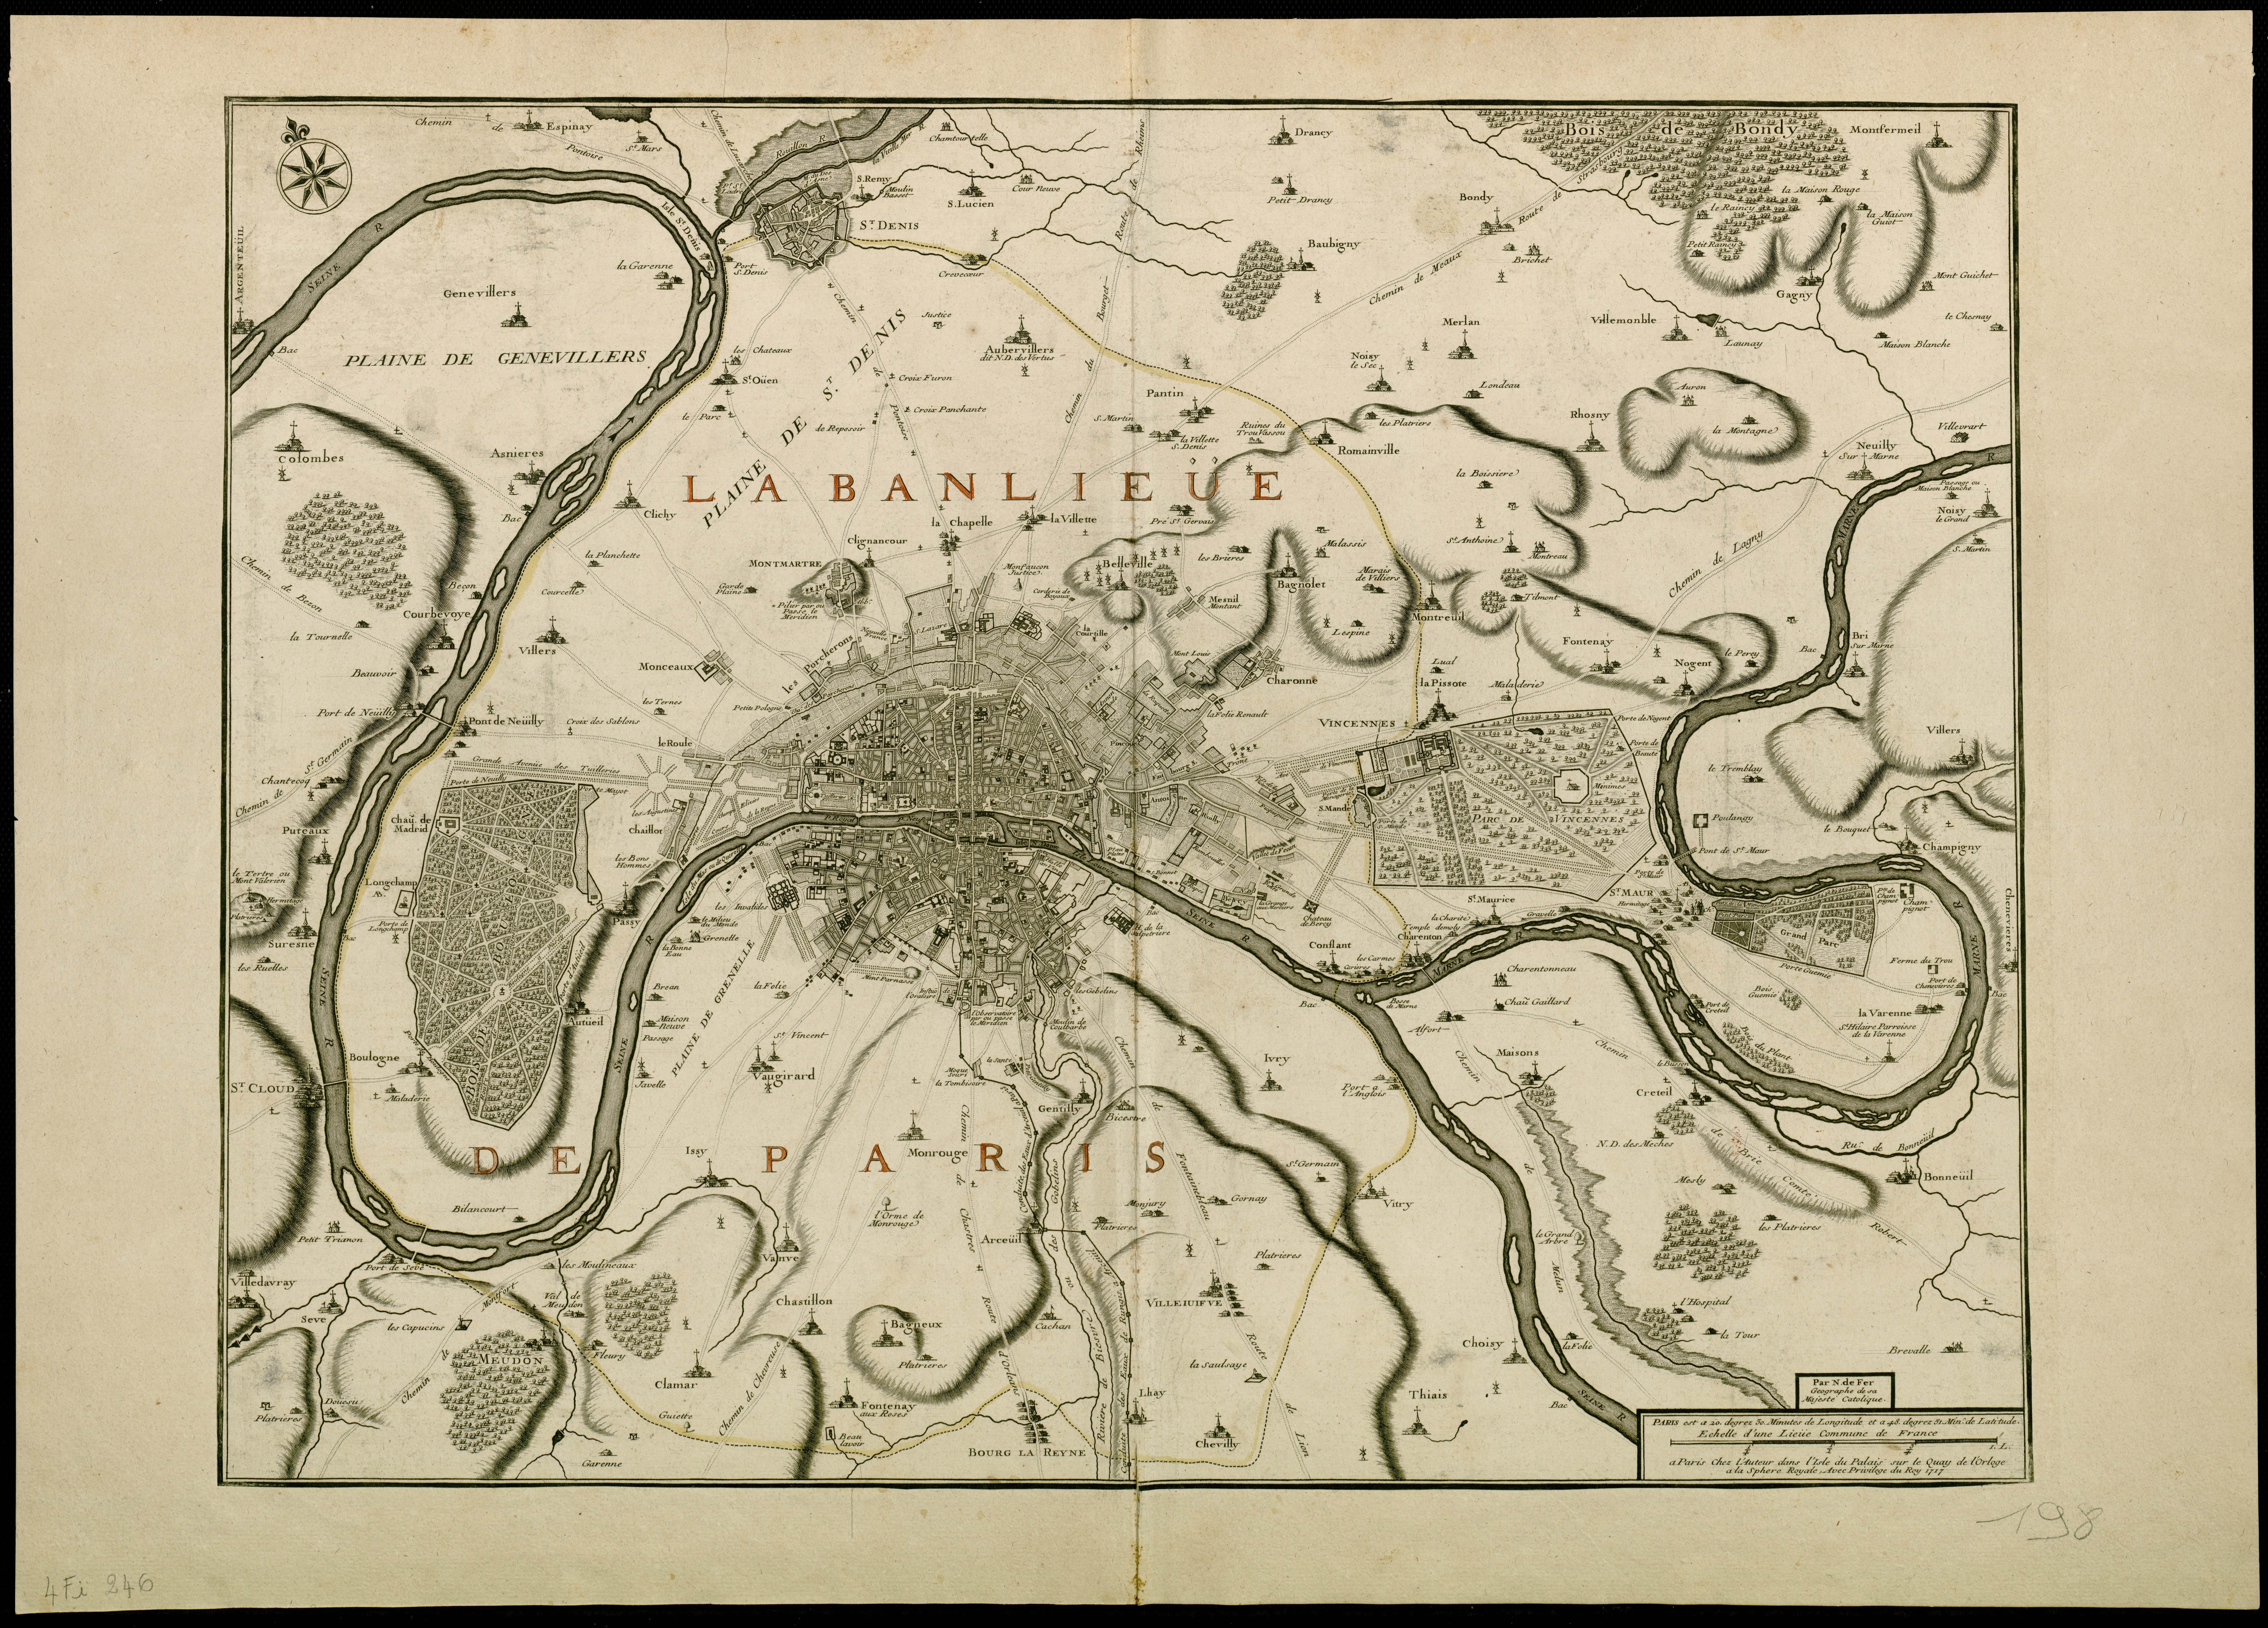 File:1717 – Carte de la Banlieue de Paris par Nicolas De Fer.jpg